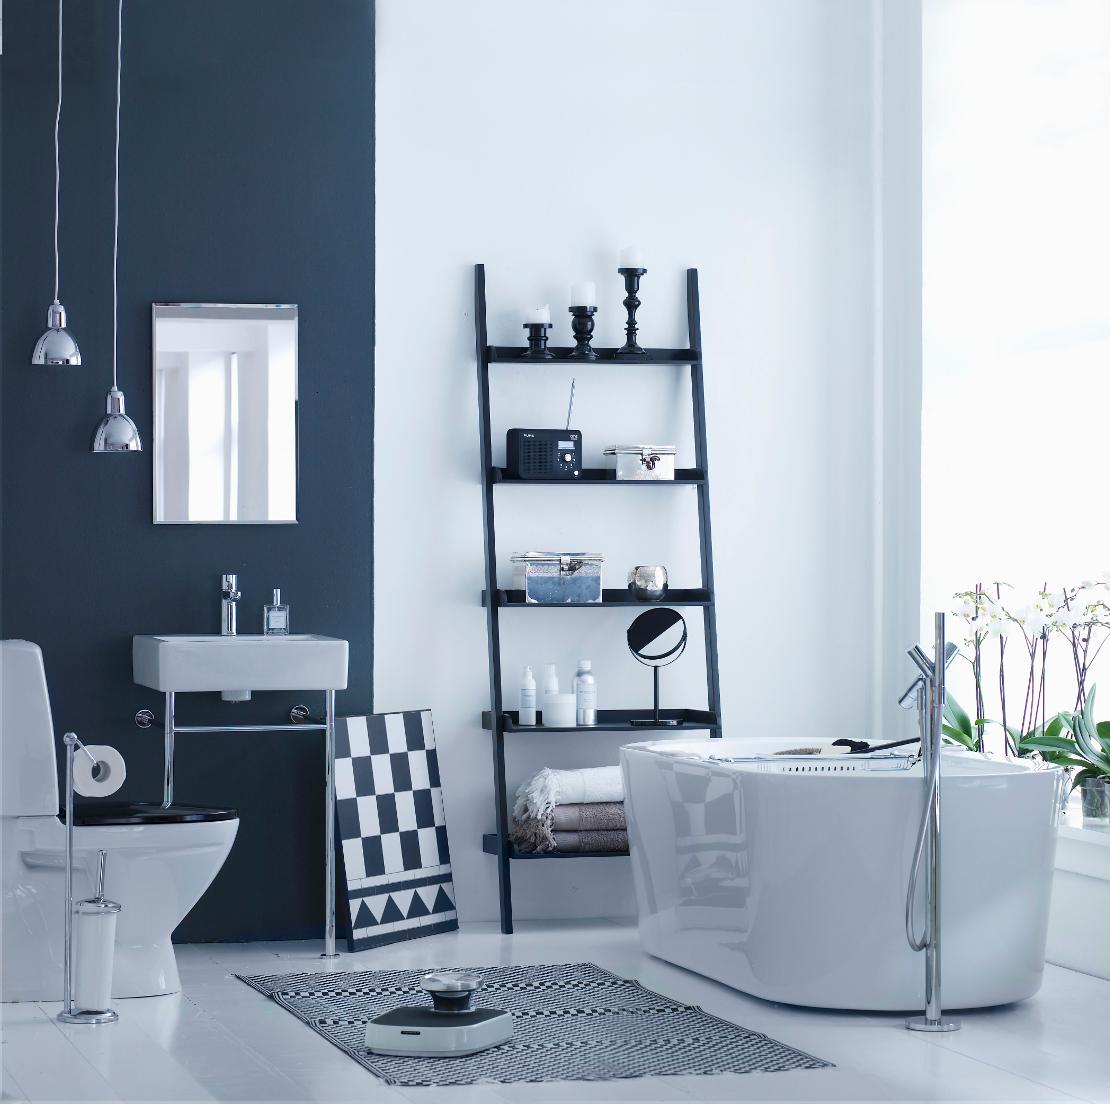 Idee per il bagno come cambiare look westwing magazine - Idee per il bagno ...